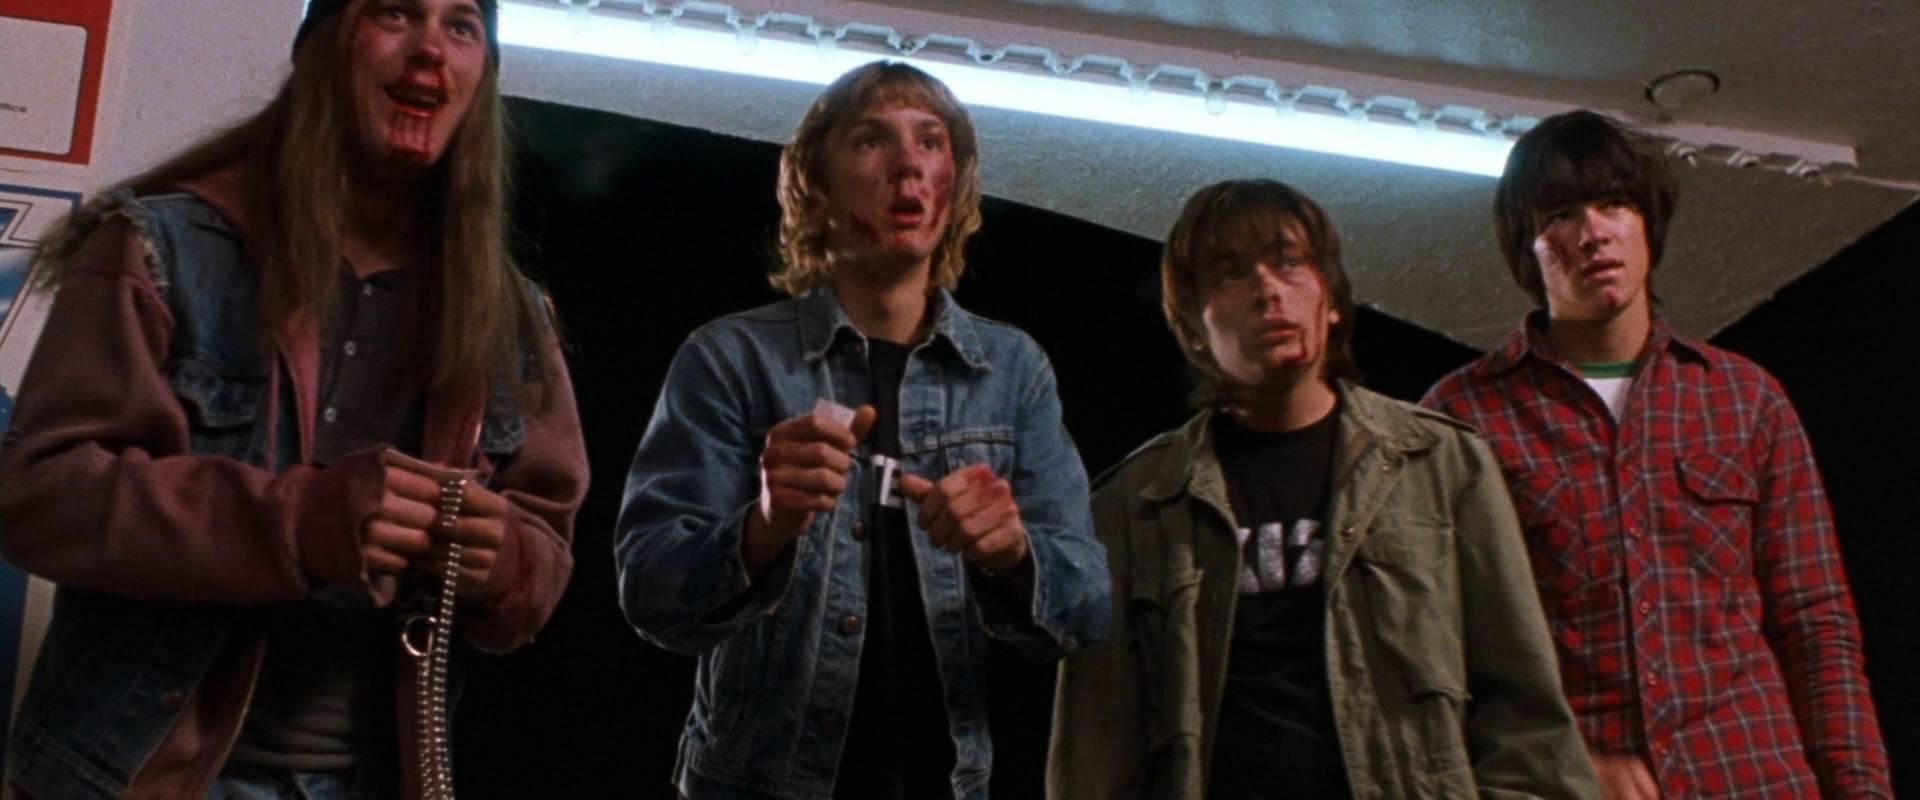 Os 5 Filmes de Rock que você deveria ver